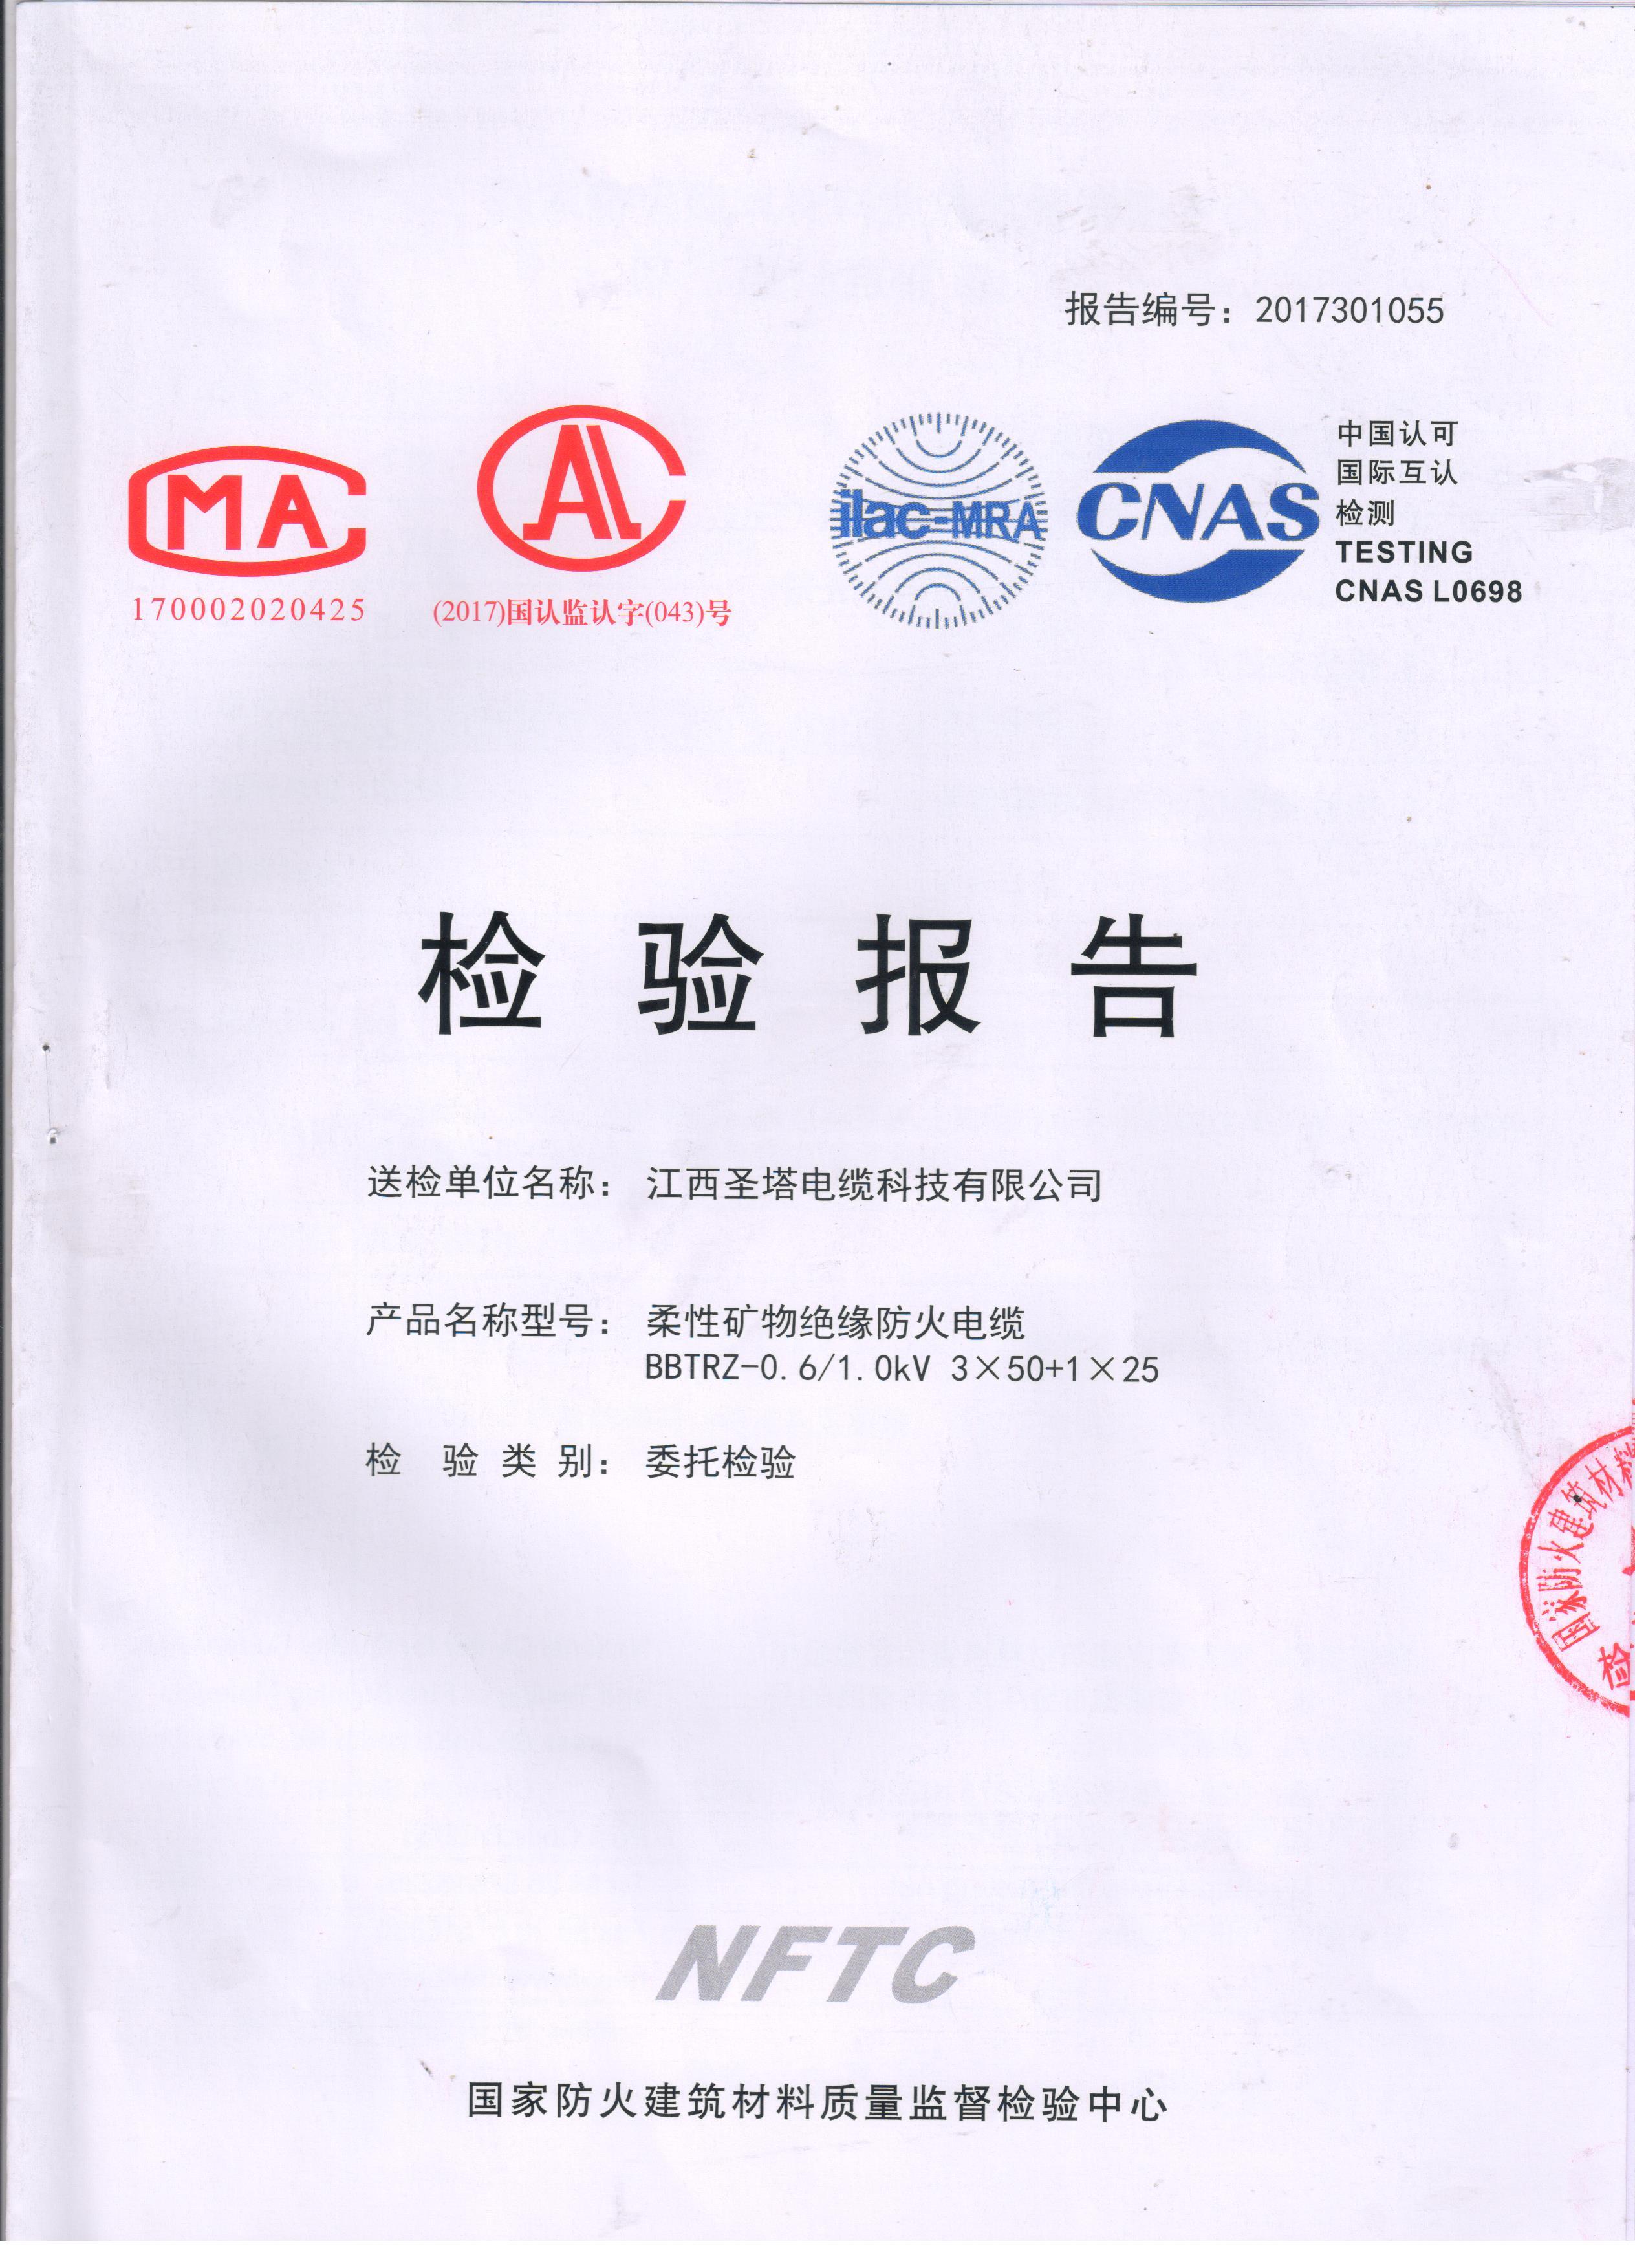 BBTRZ检测报告1 001.jpg